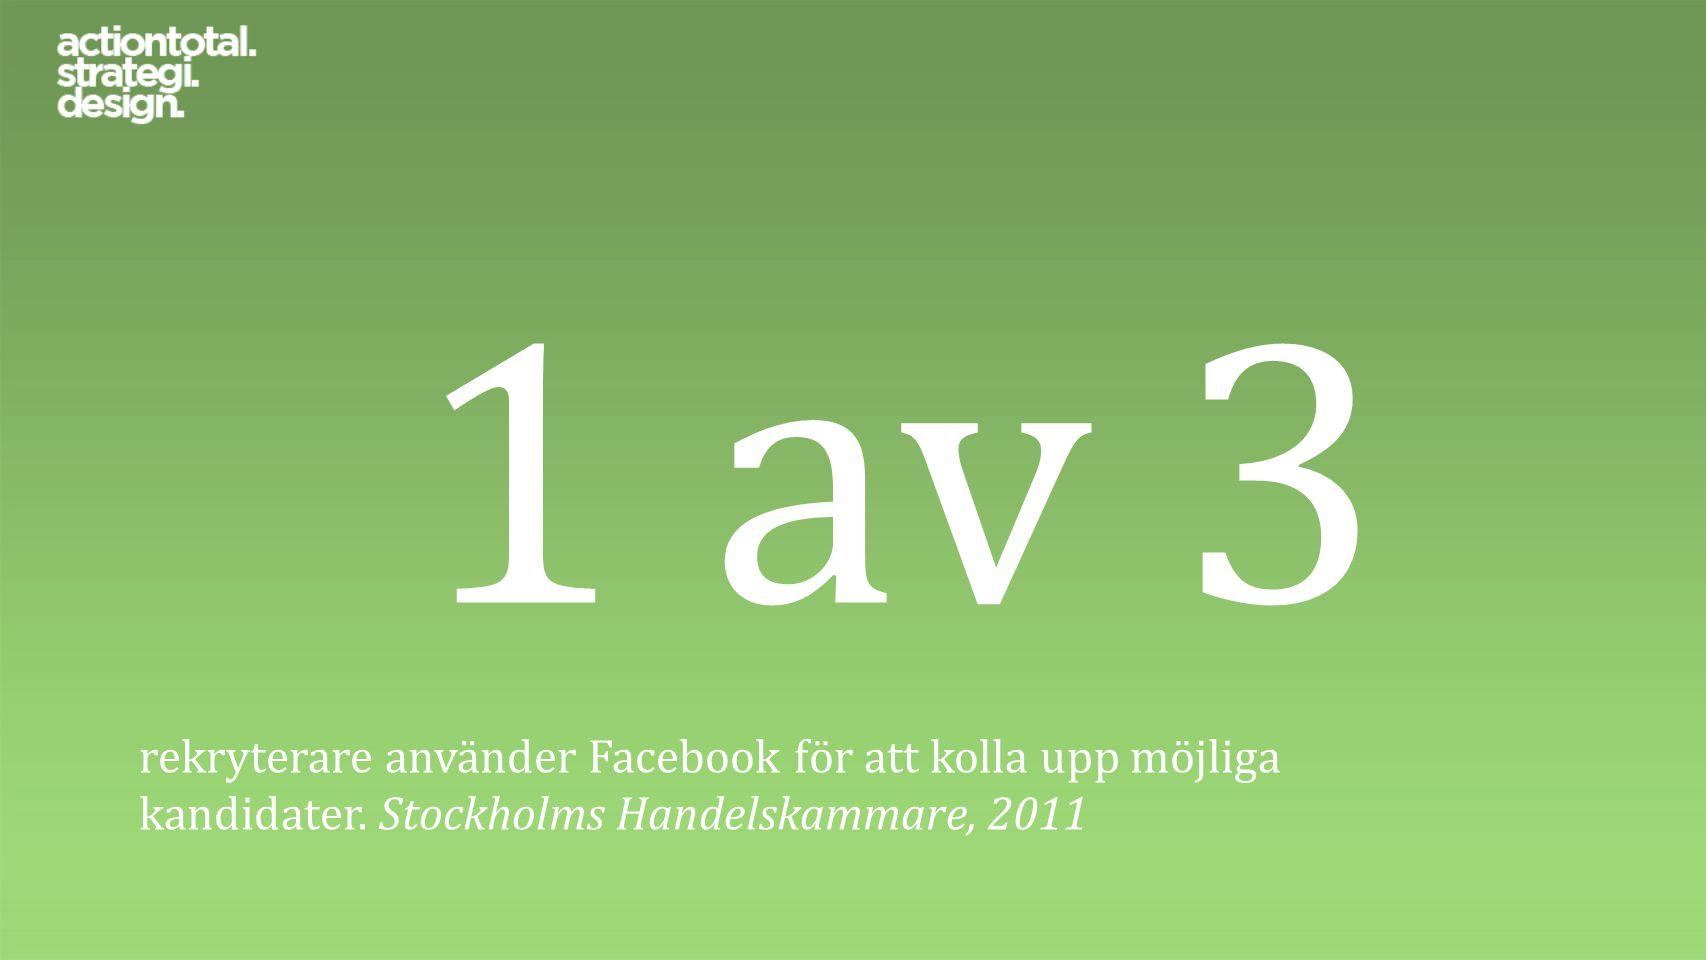 1 av 3 rekryterare använder Facebook för att kolla upp möjliga kandidater. Stockholms Handelskammare, 2011